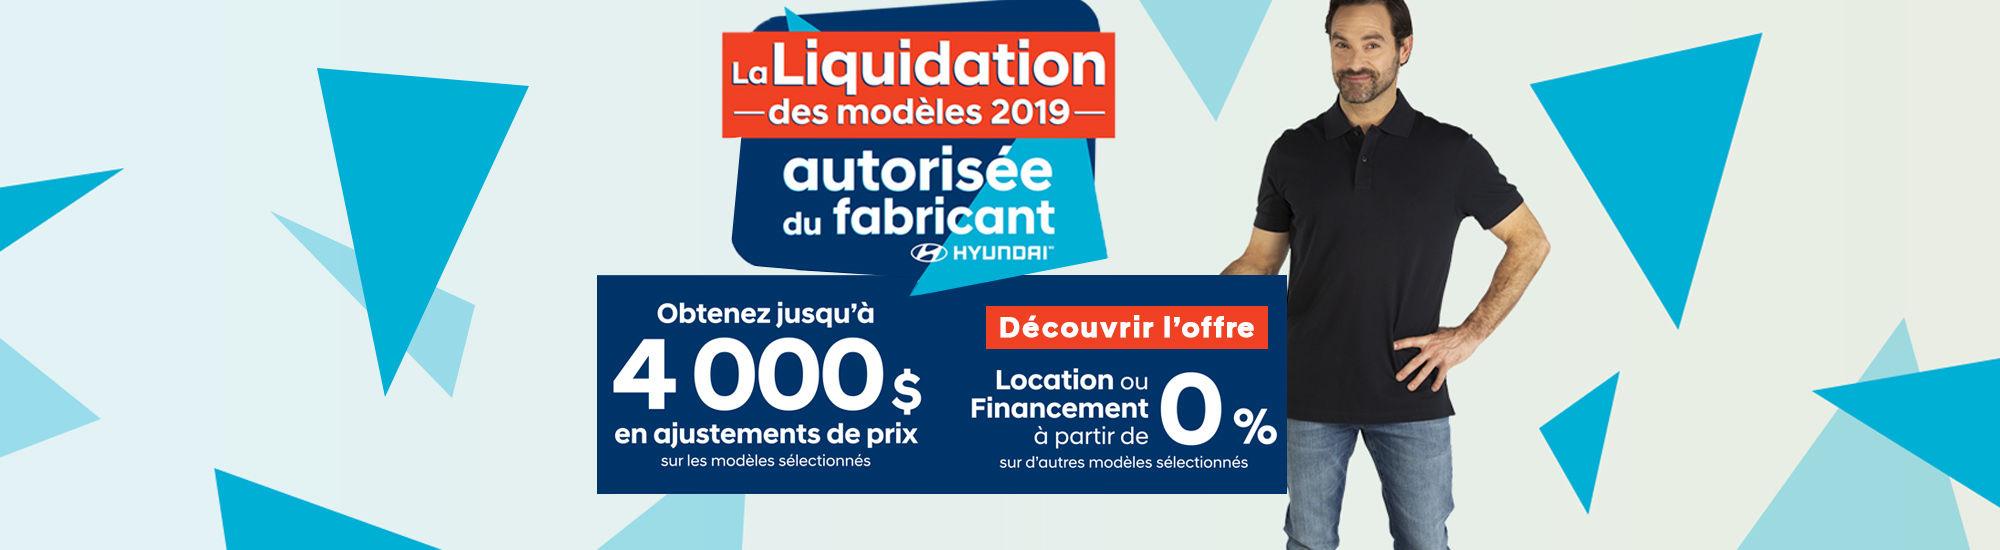 Liquidation des modèles 2019 Hyundai